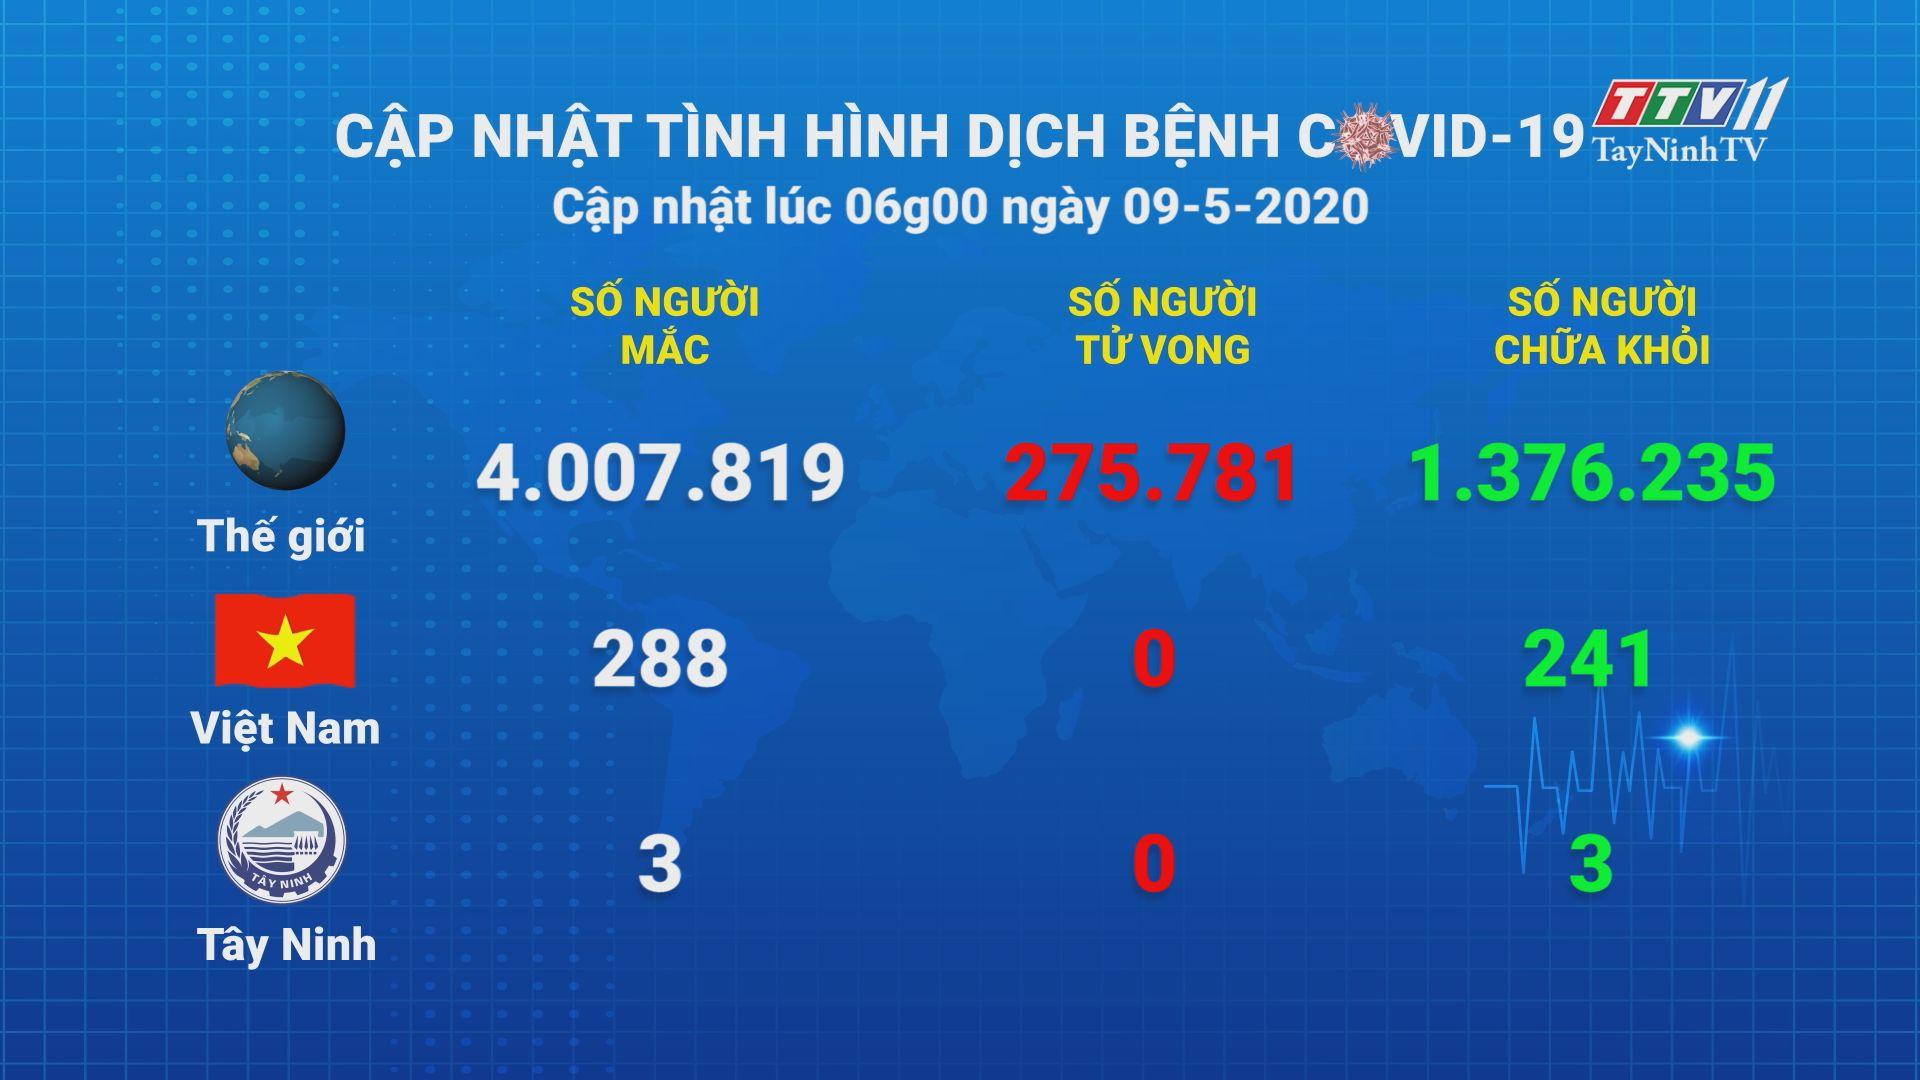 Cập nhật tình hình Covid-19 vào lúc 06 giờ 09-5-2020 | Thông tin dịch Covid-19 | TayNinhTV